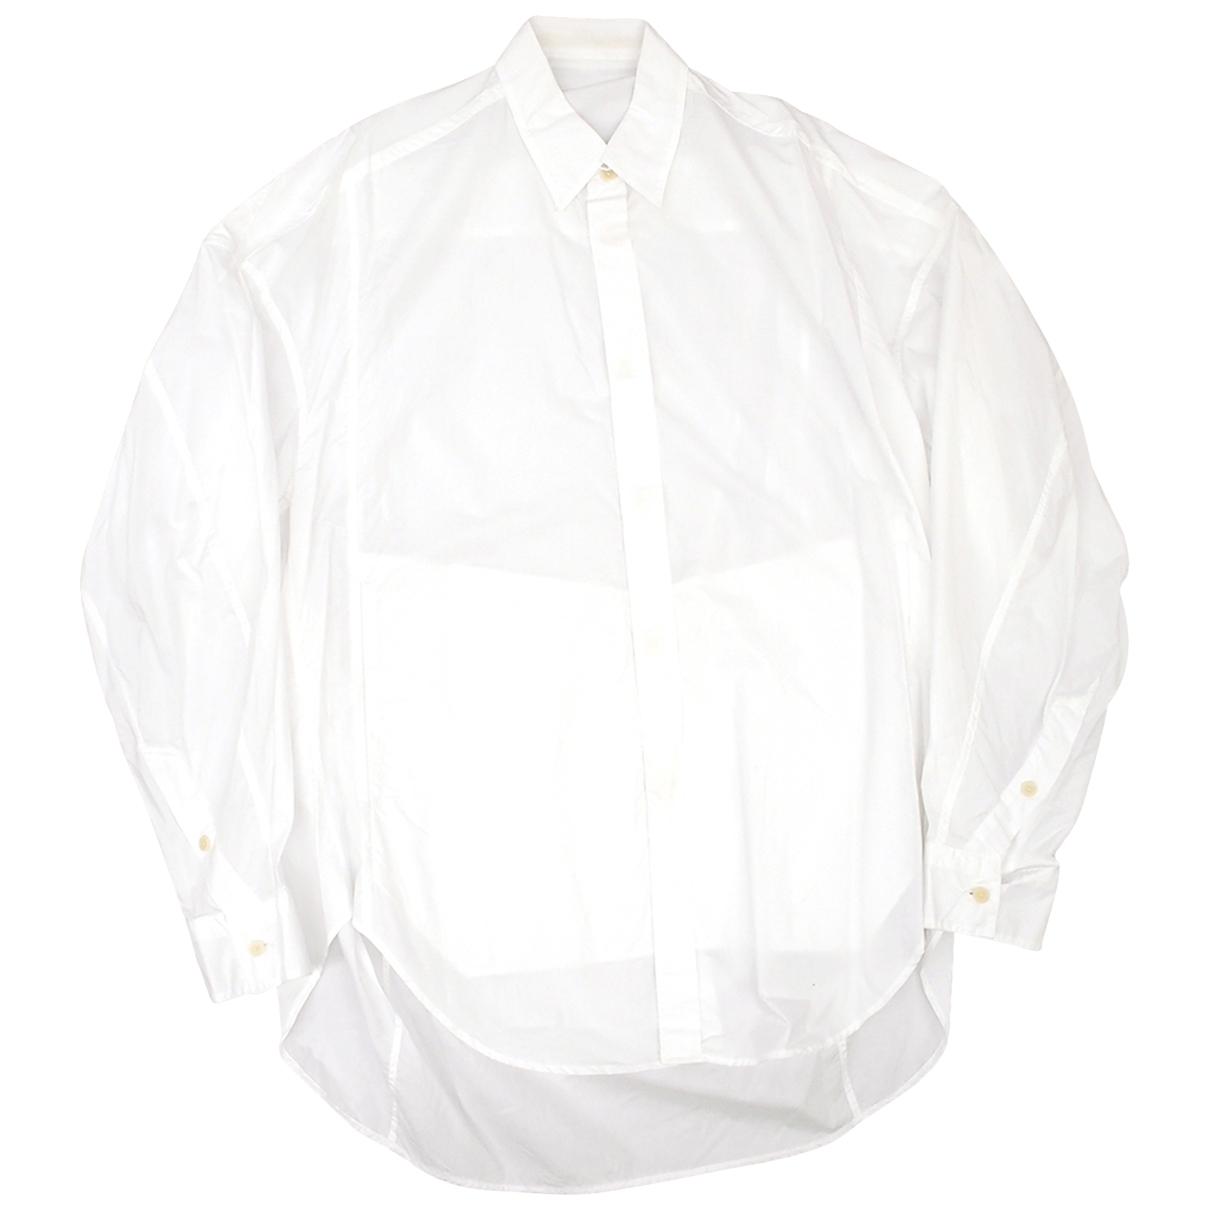 Julius 7 - Tee shirts   pour homme en coton - blanc